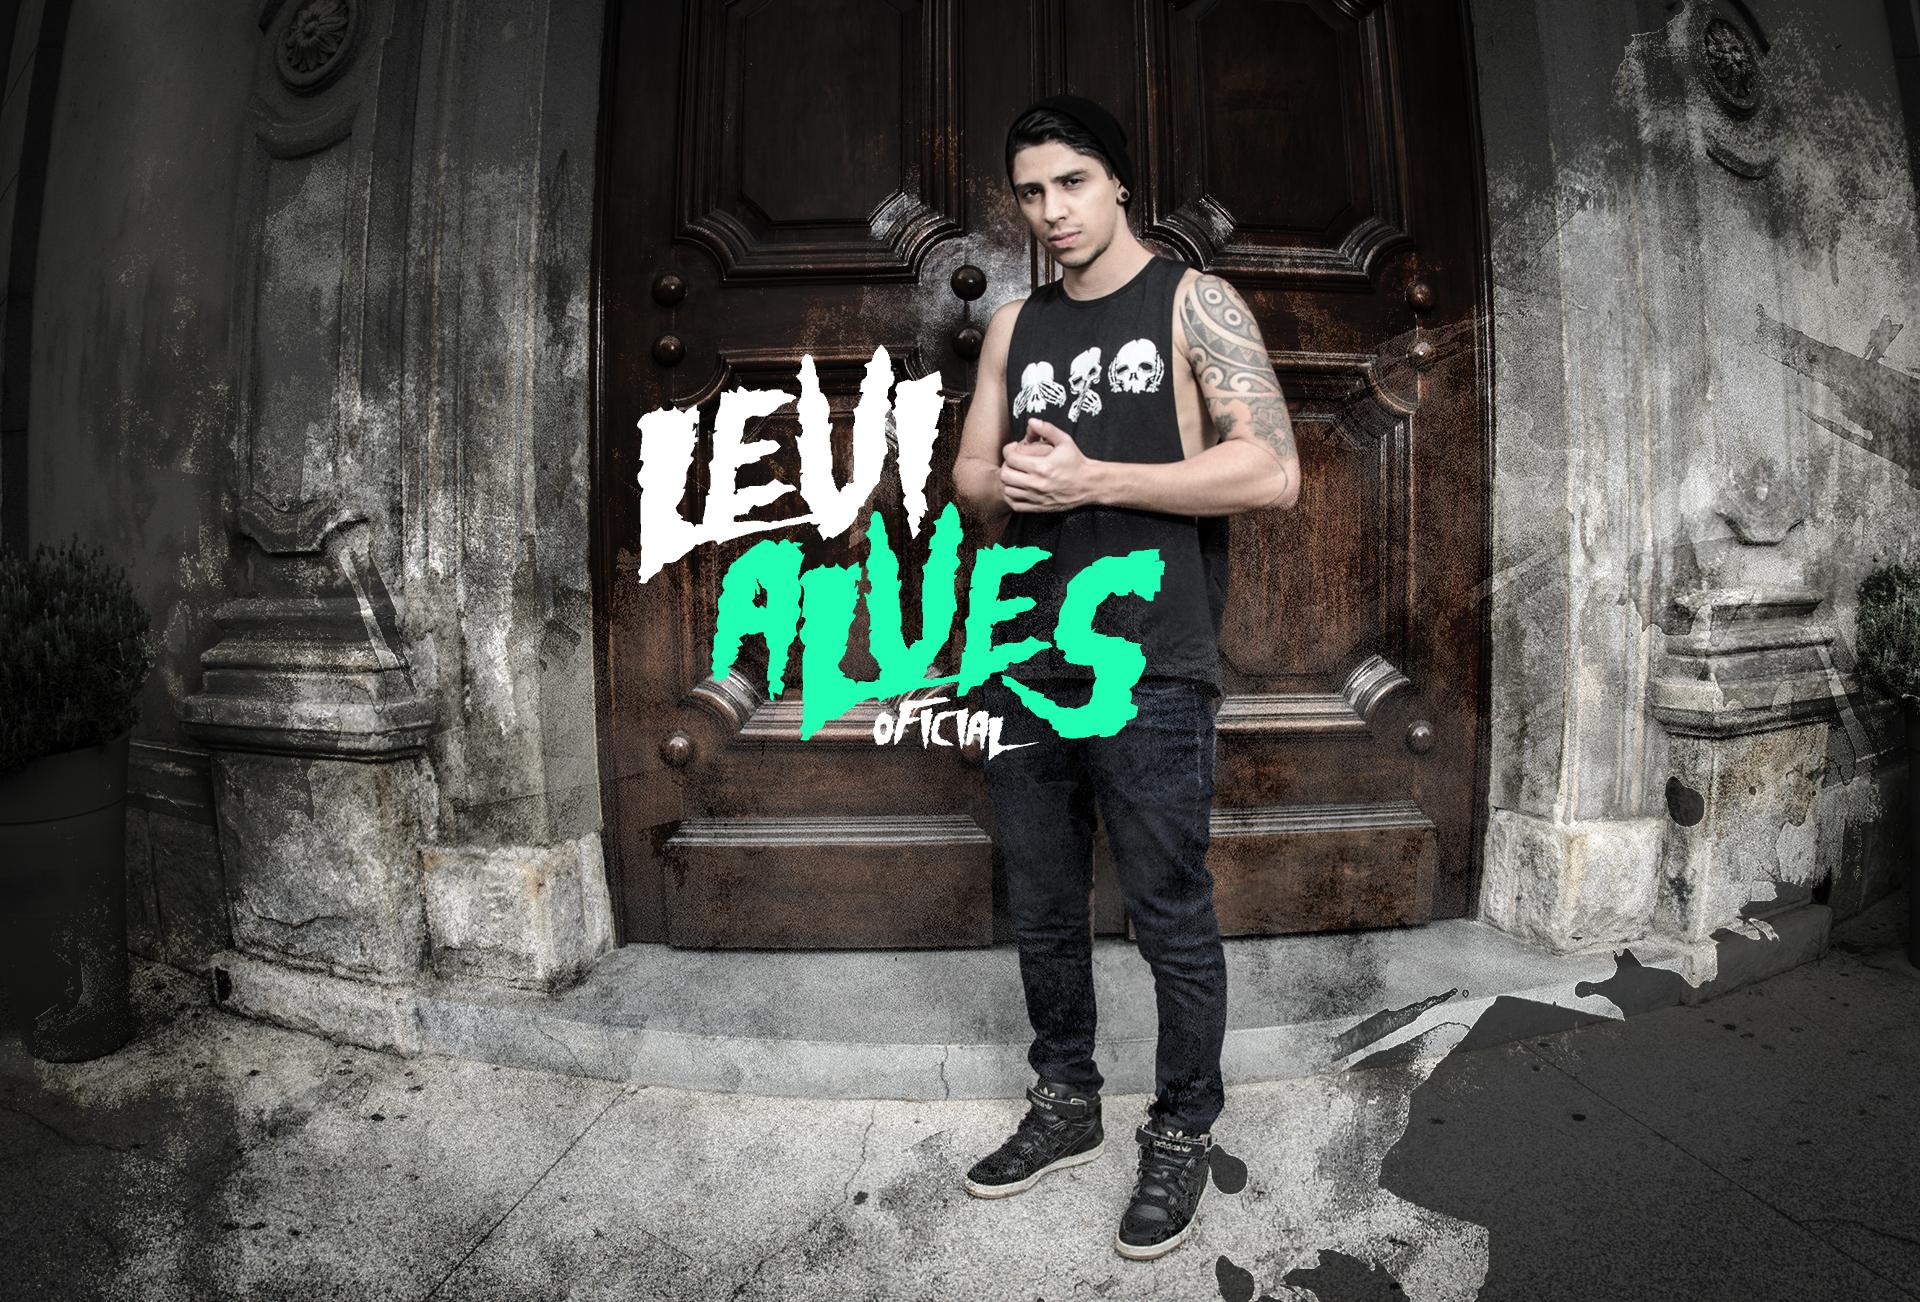 Levi Alves